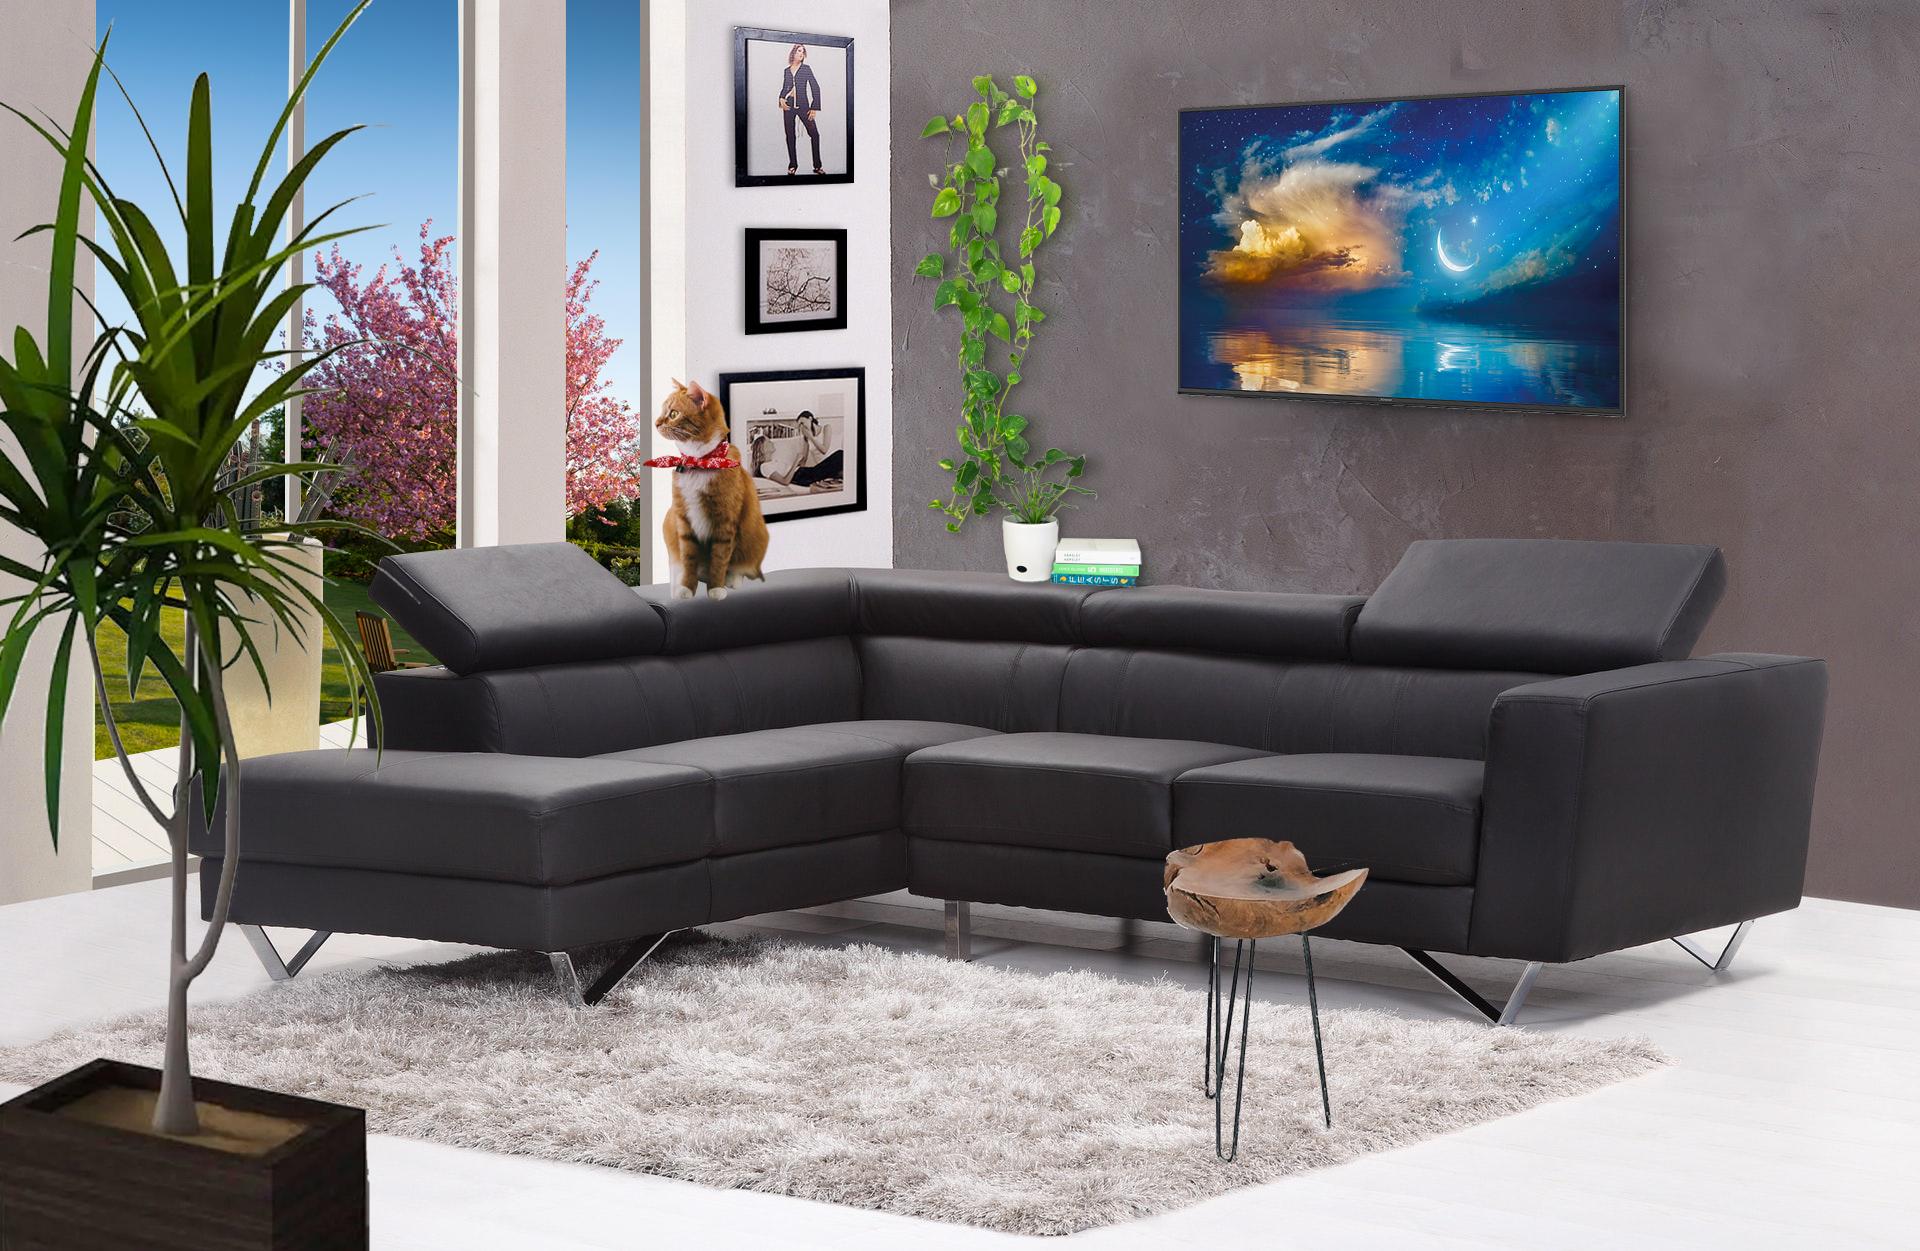 Arrière plan virtuel pour visioconférence : Living Room